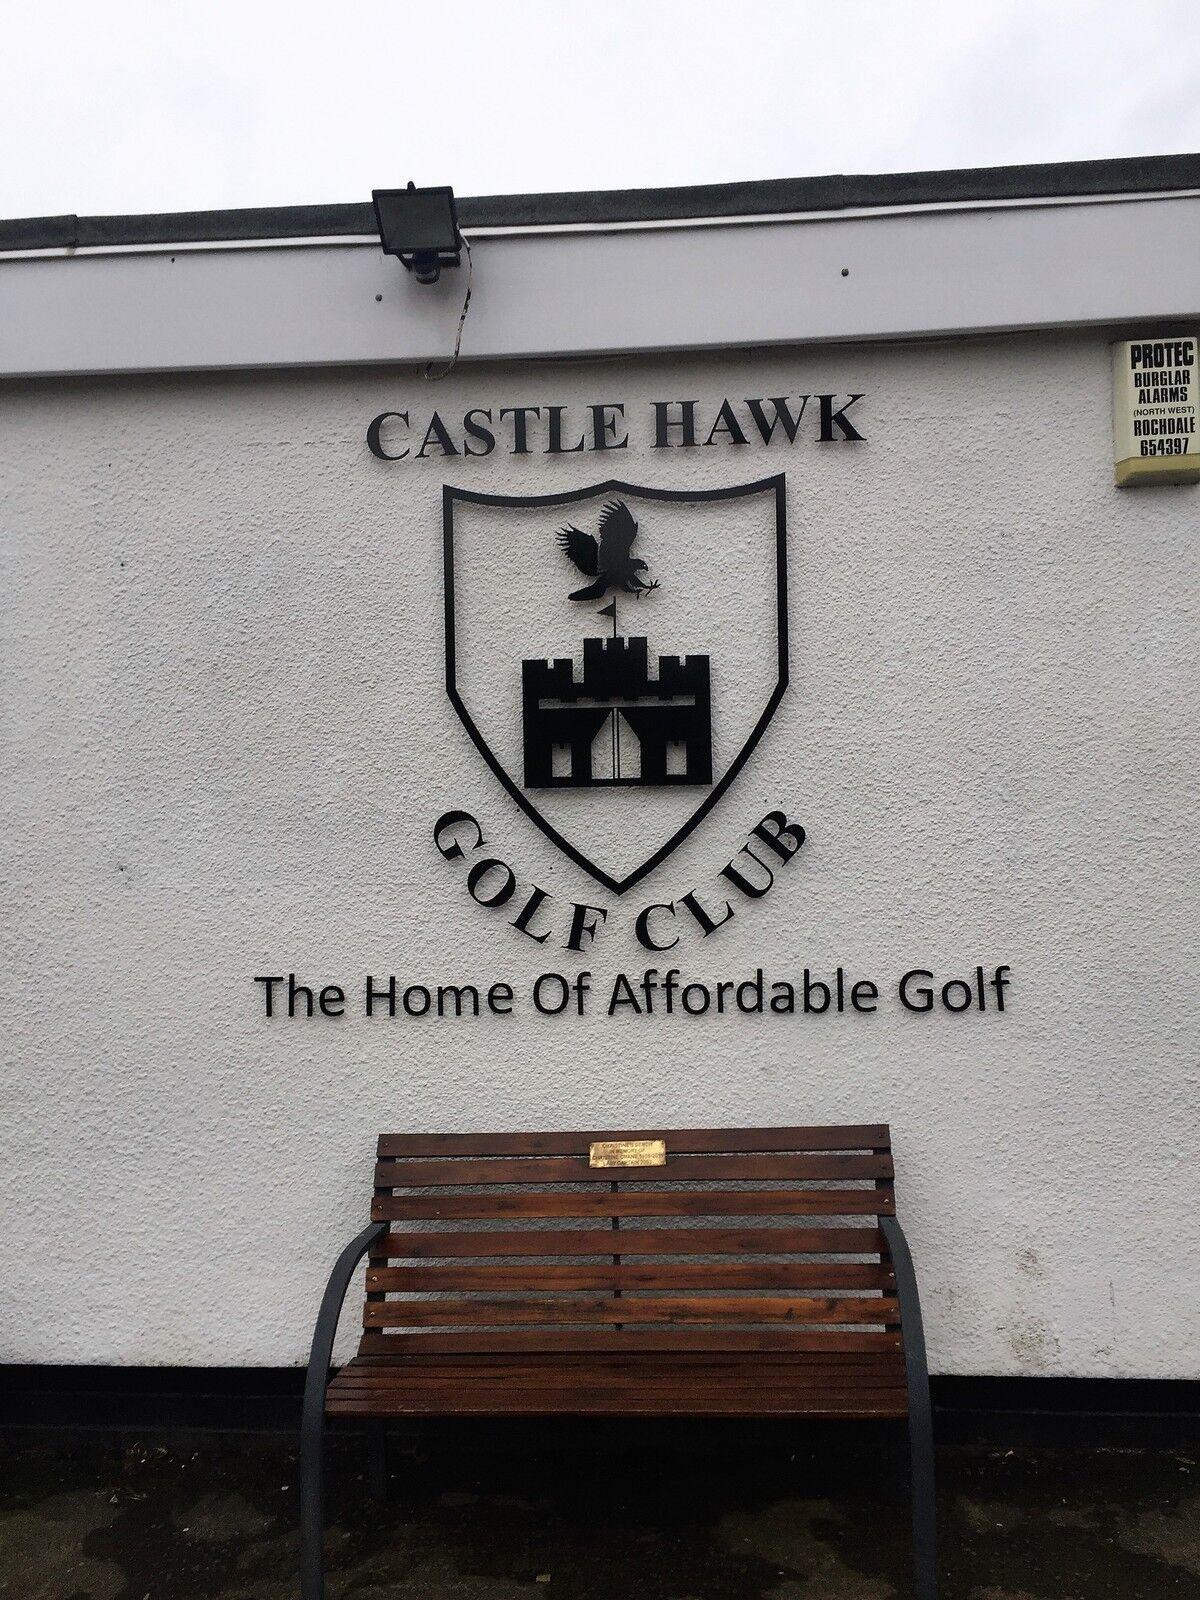 CASTLE HAWK GOLF SHOP